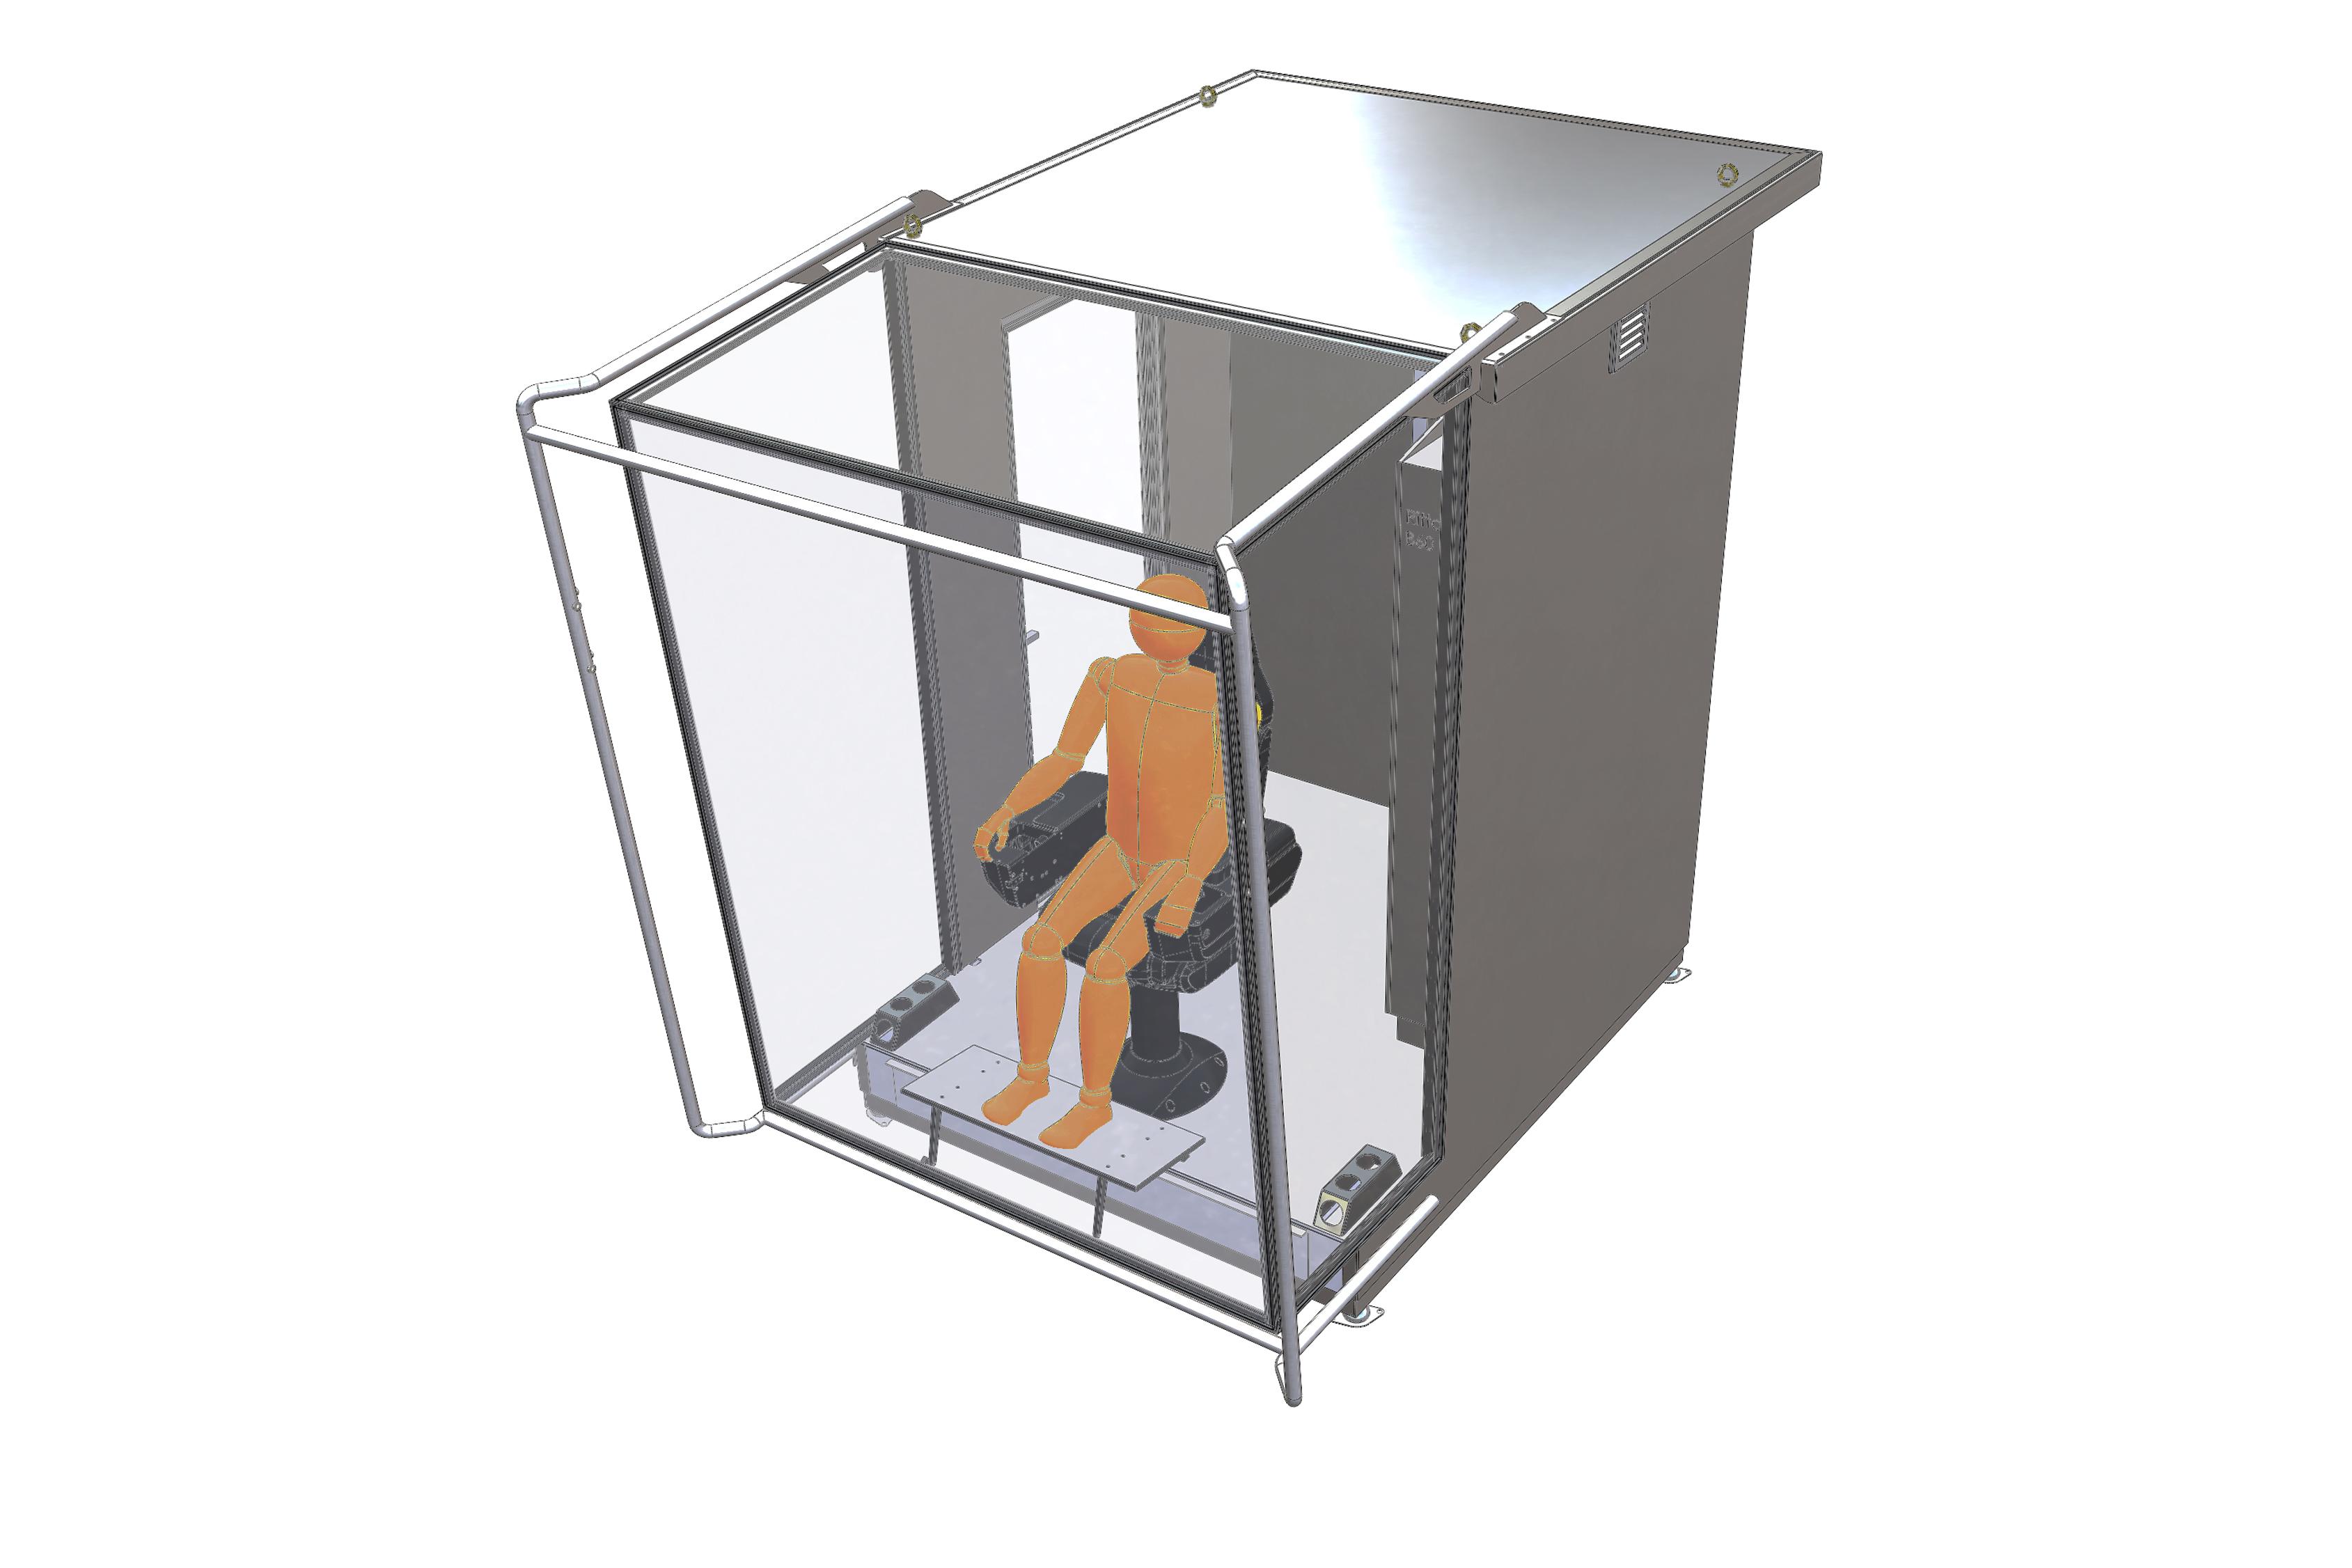 AluCabin-X3 Crane Small_perspektiv